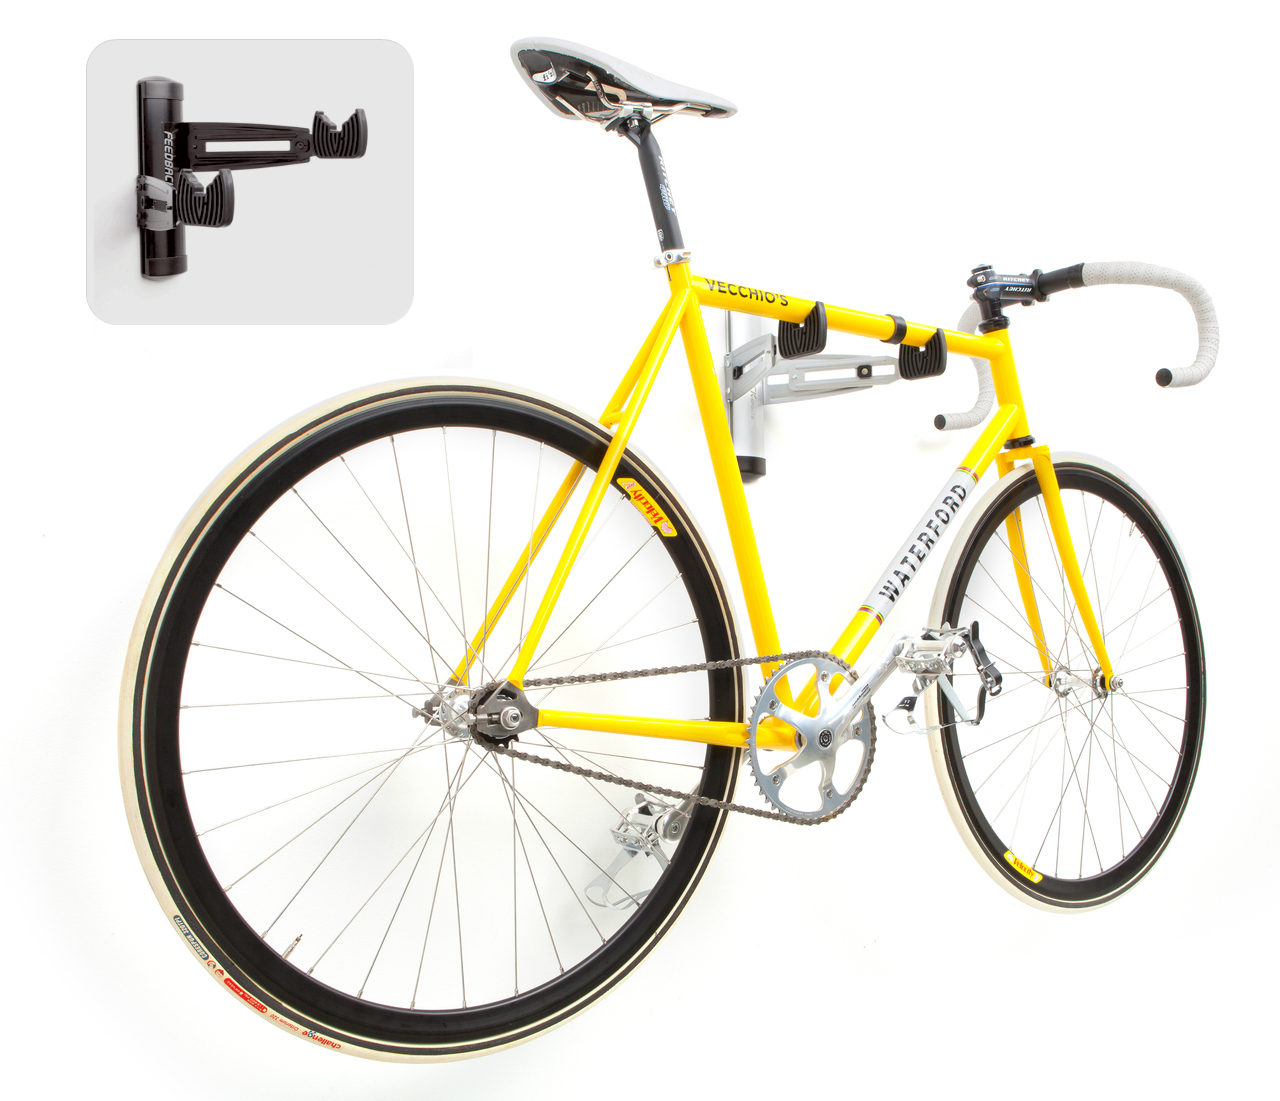 adjustable home bike storage rack  sc 1 st  StoreYourBoard & Adjustable Steel Bike Wall Rack | Bike Storage Mount ...